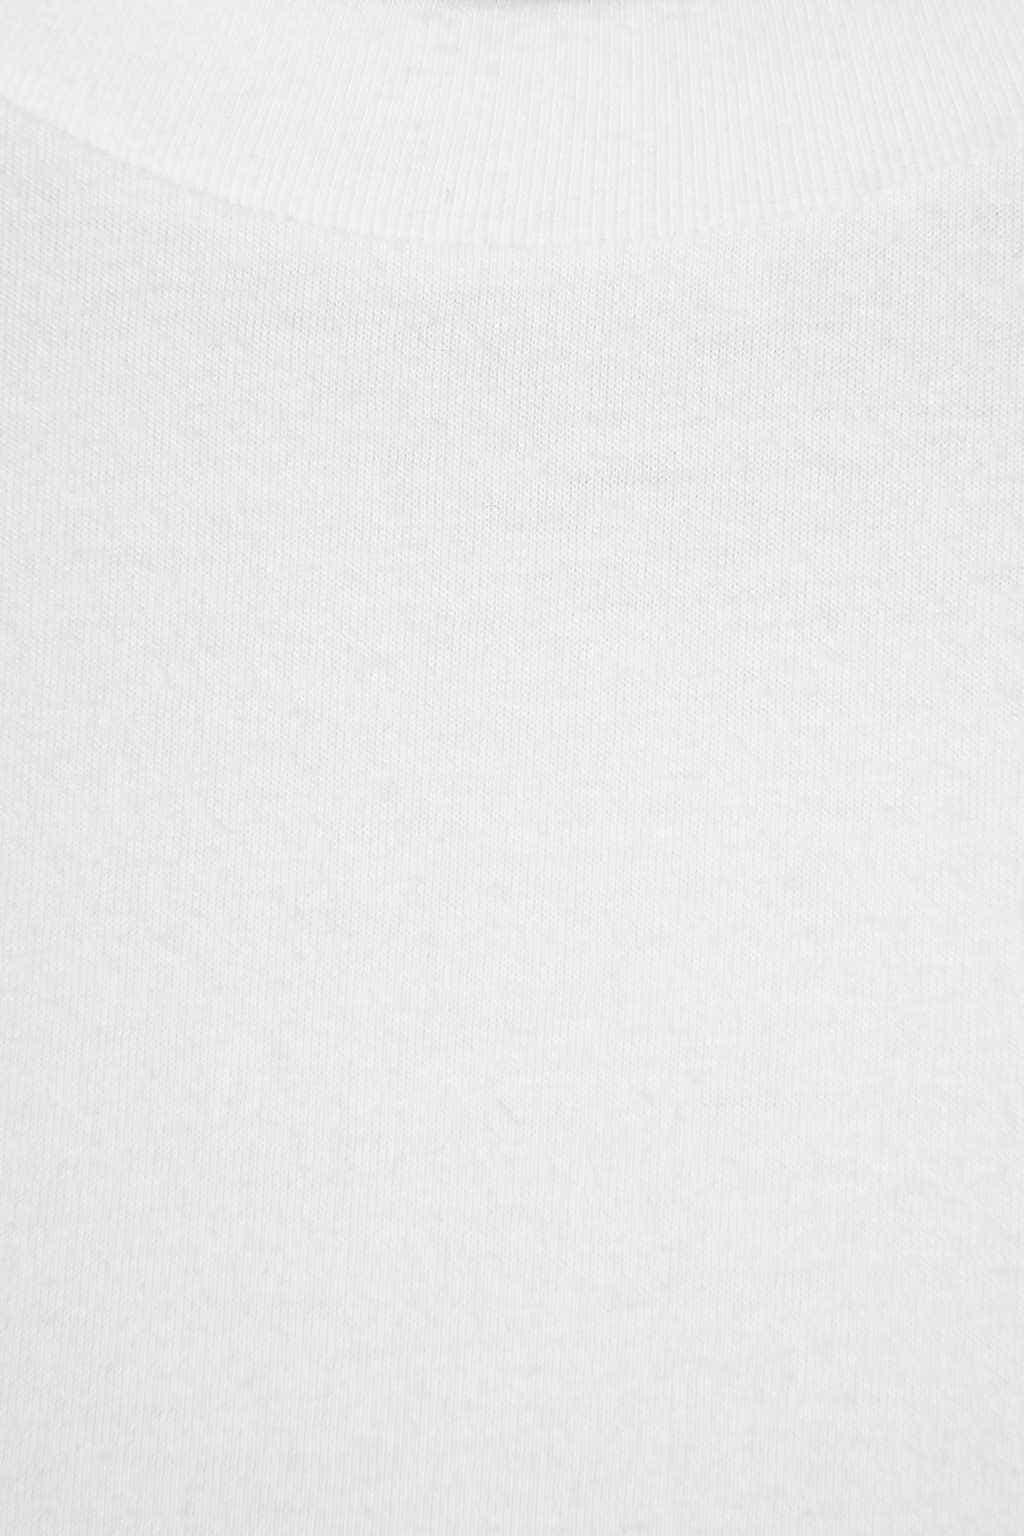 TShirt 2749 White 10